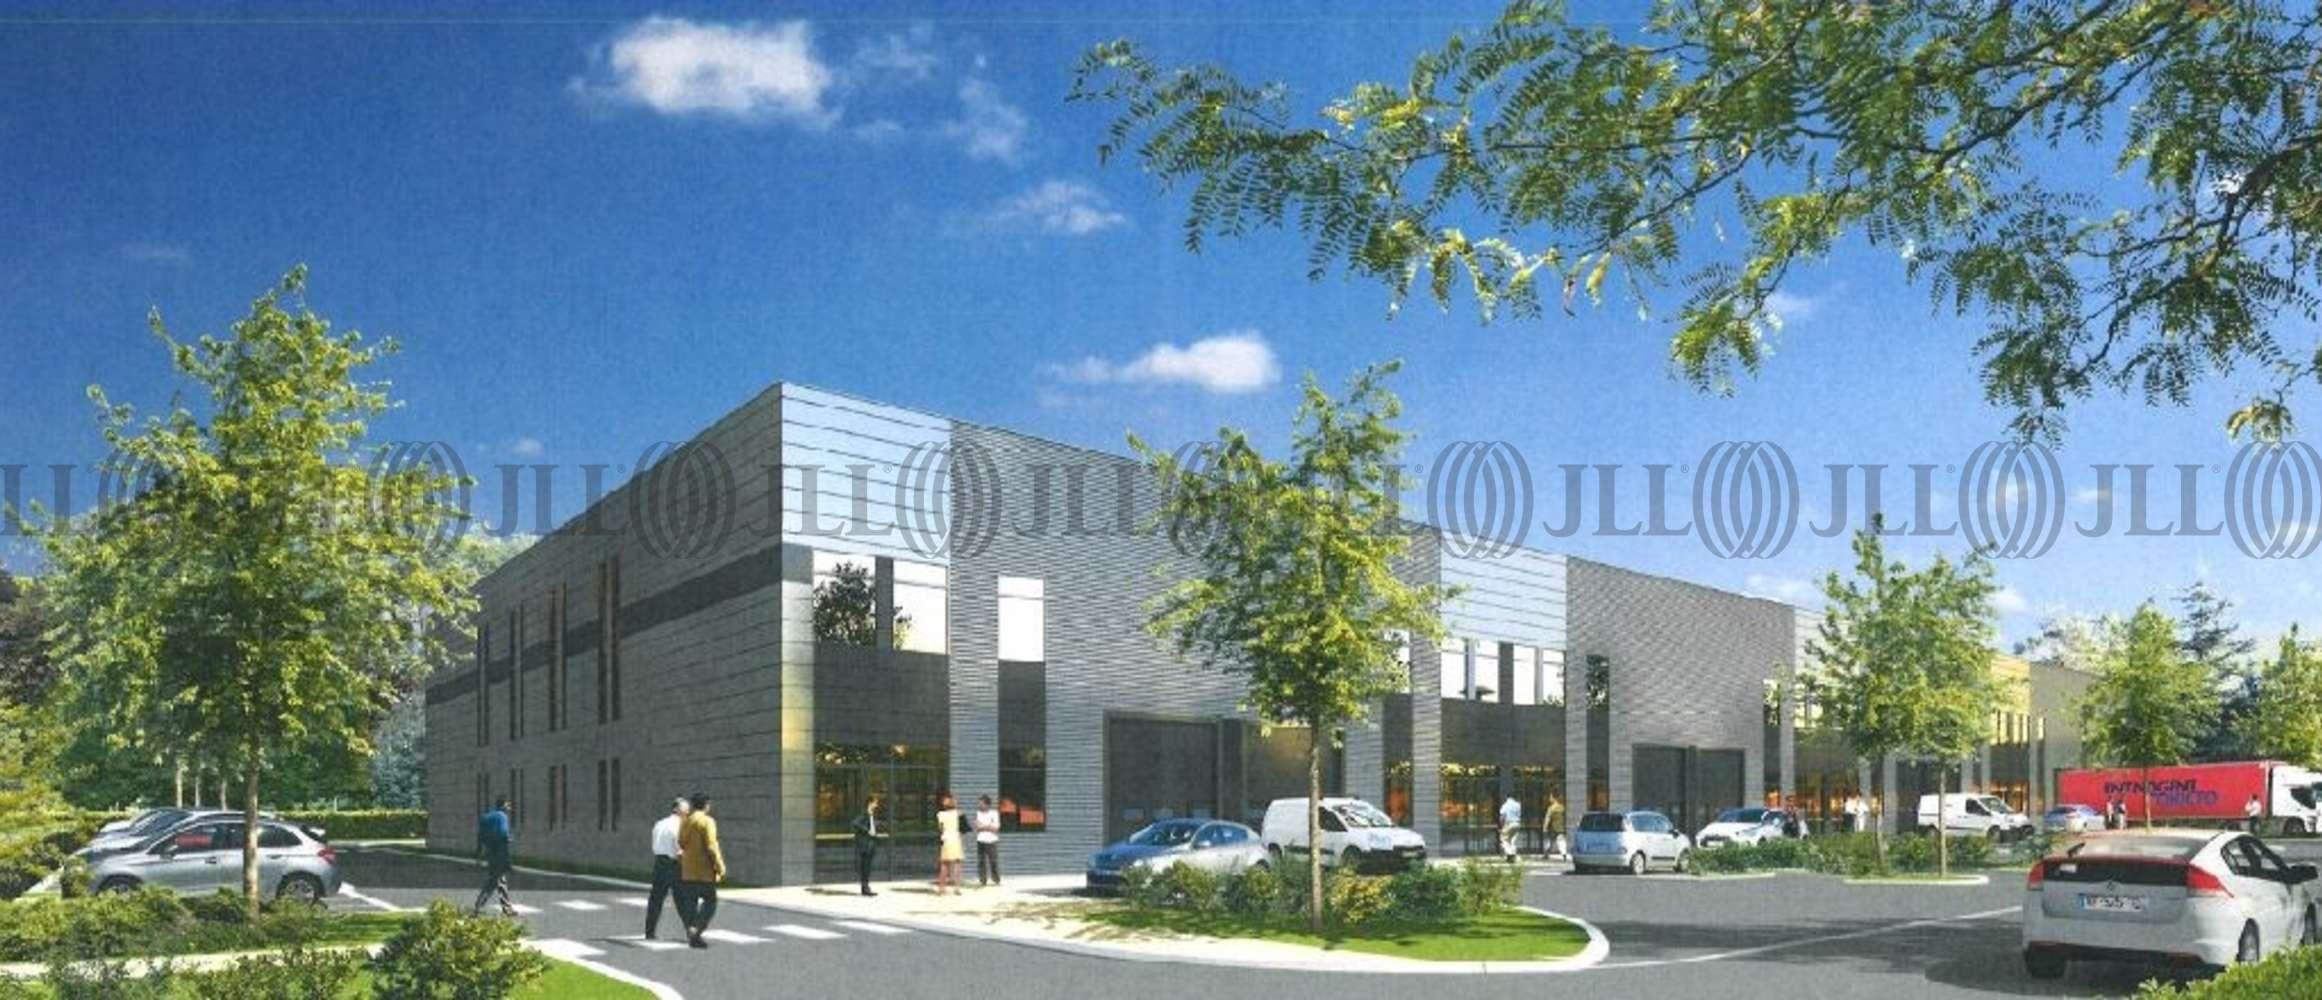 Activités/entrepôt Nanteuil le haudouin, 60440 - ZAC DU CHEMIN DE PARIS - 9932948